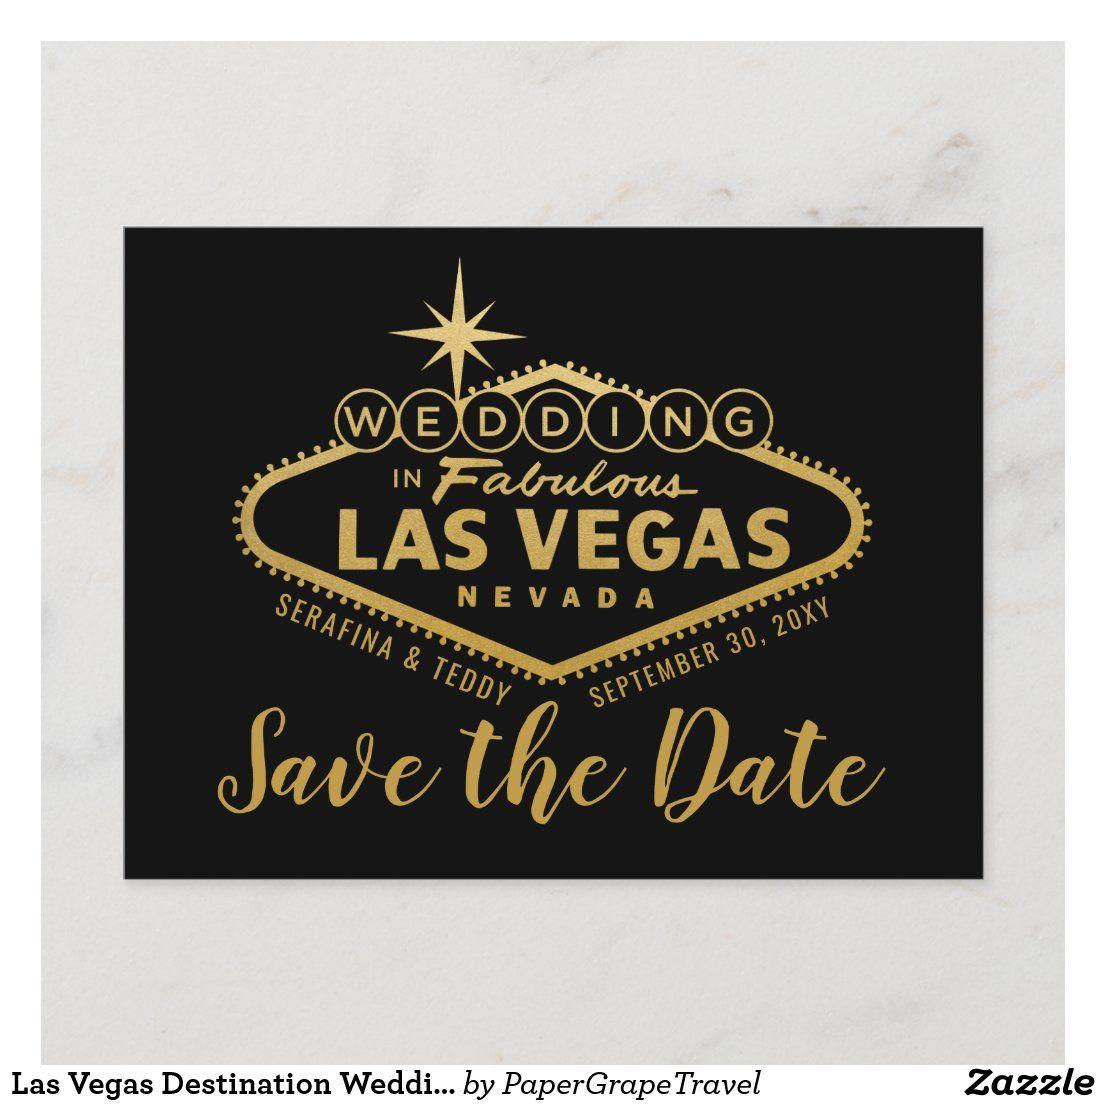 Las Vegas Destination Wedding Save the Date Announcement